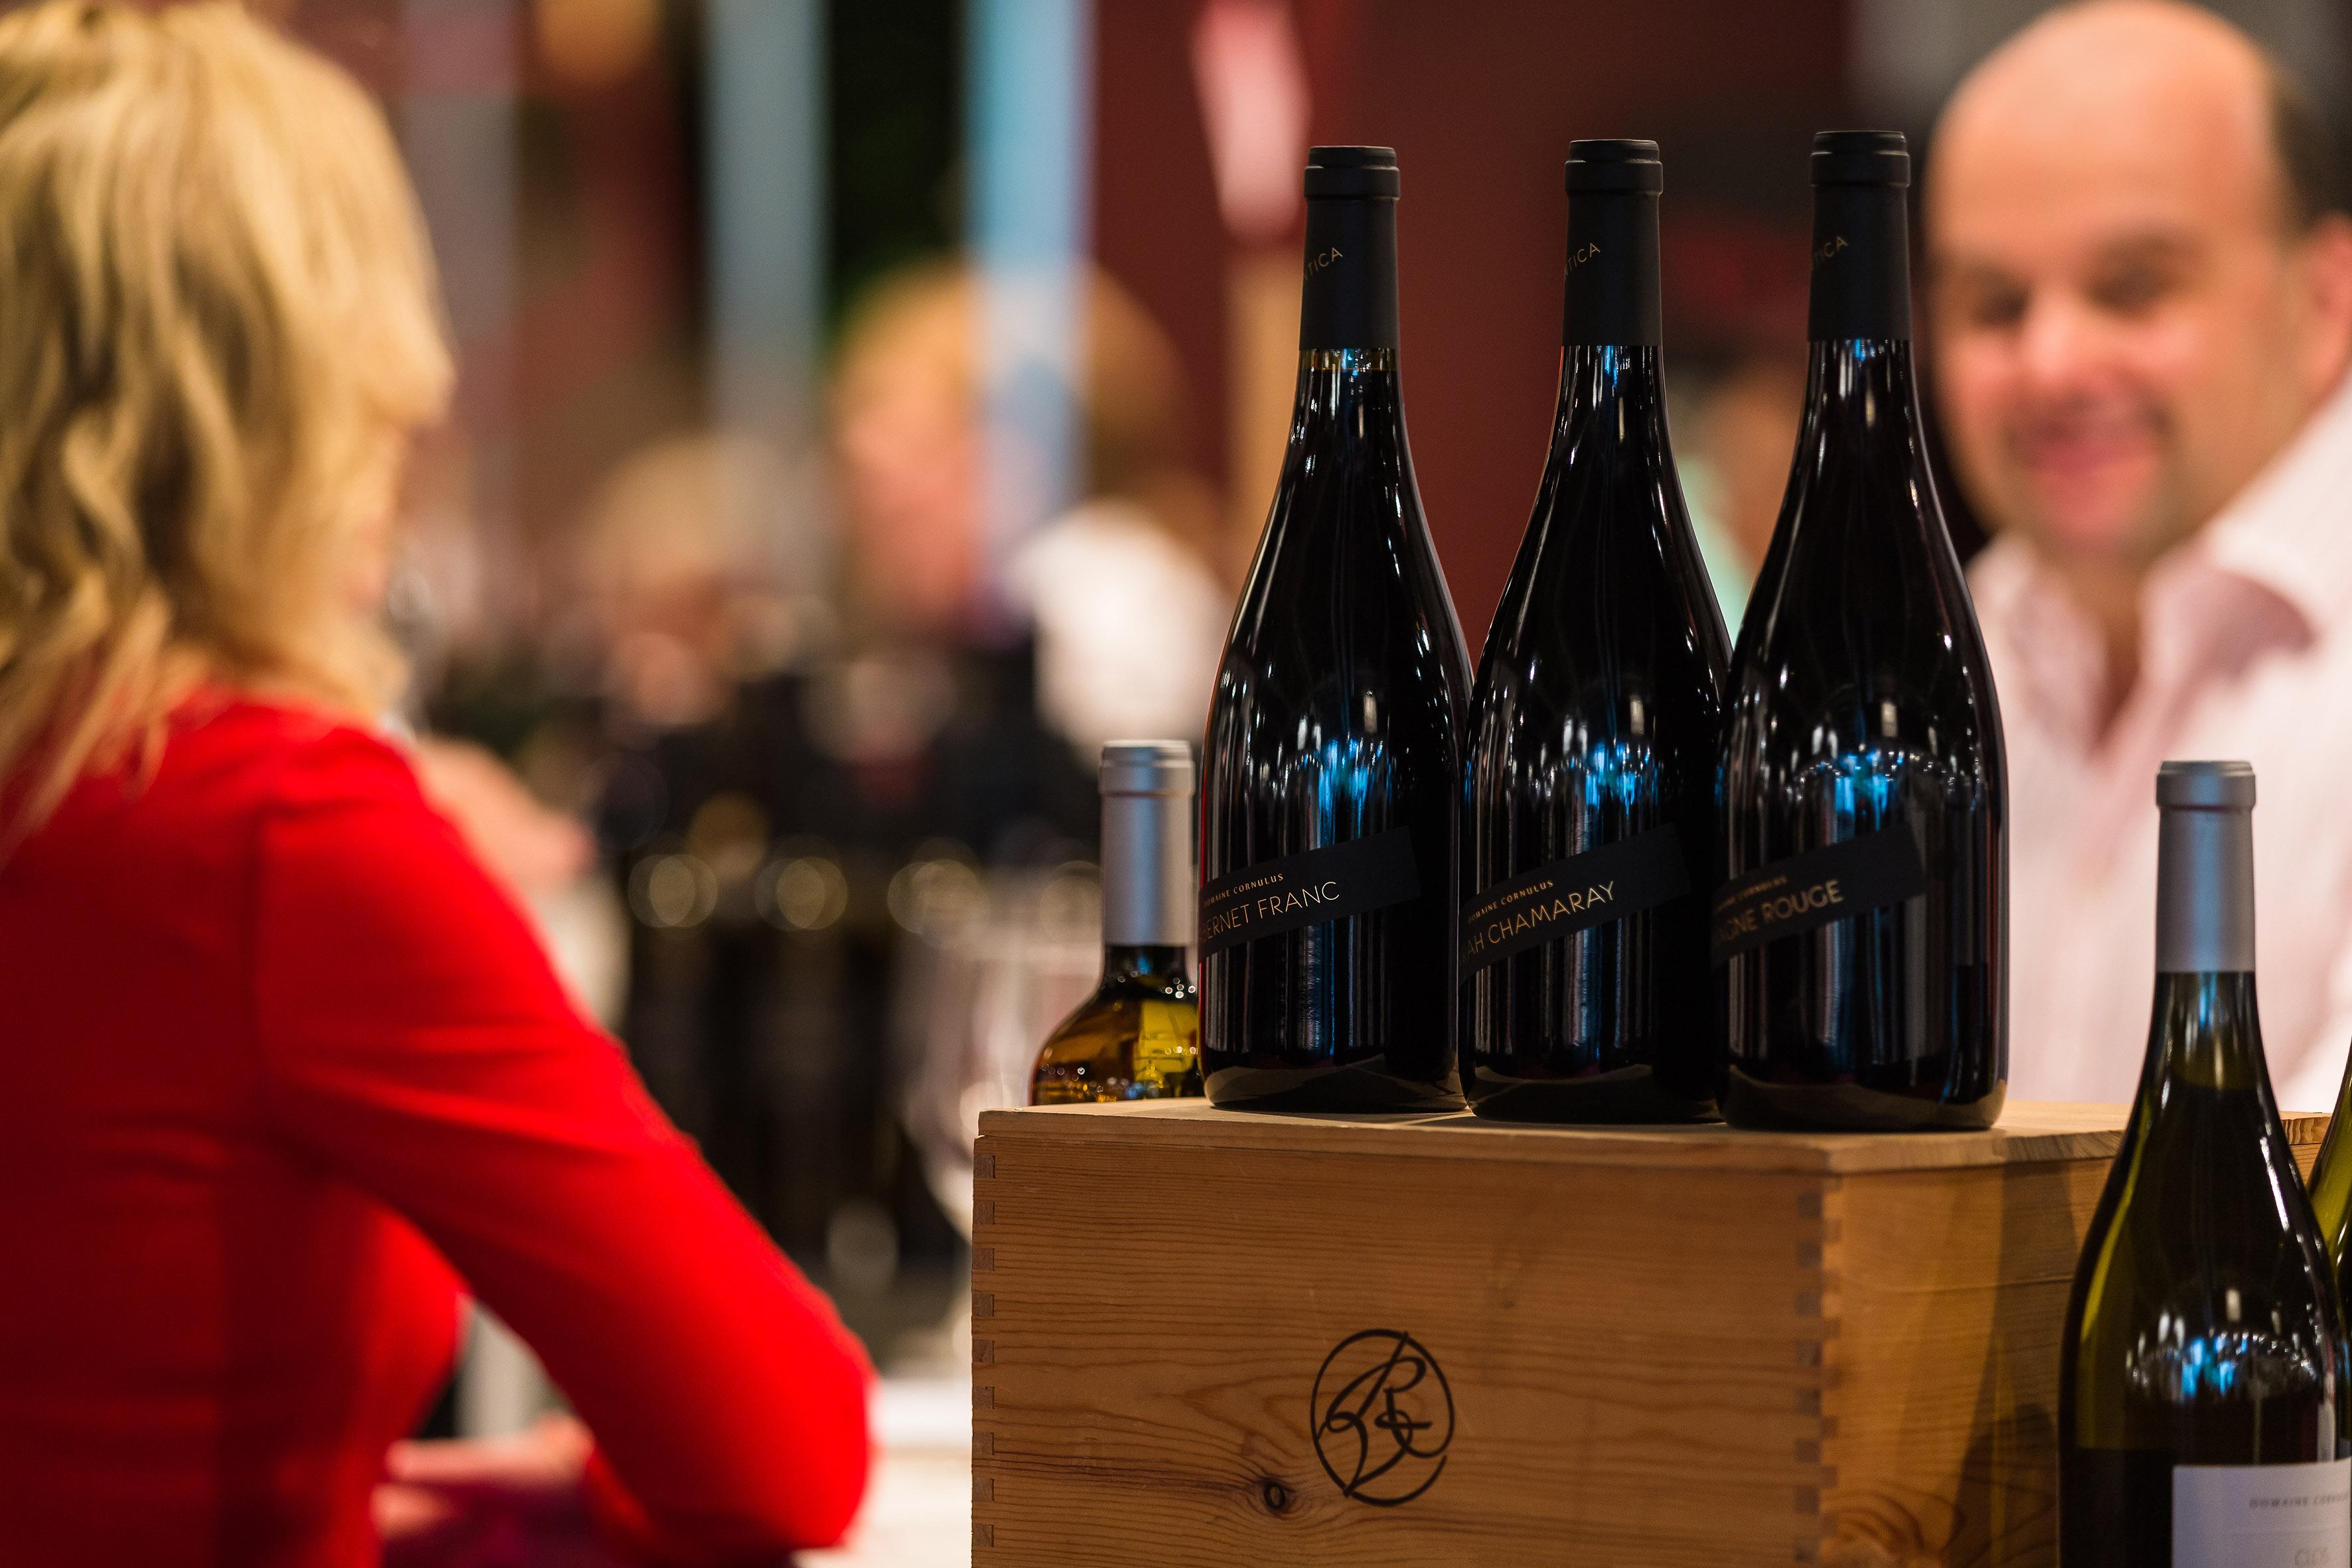 Ouverture du salon du vin de b le 2017 le d but du for Salon du vin toulouse 2017